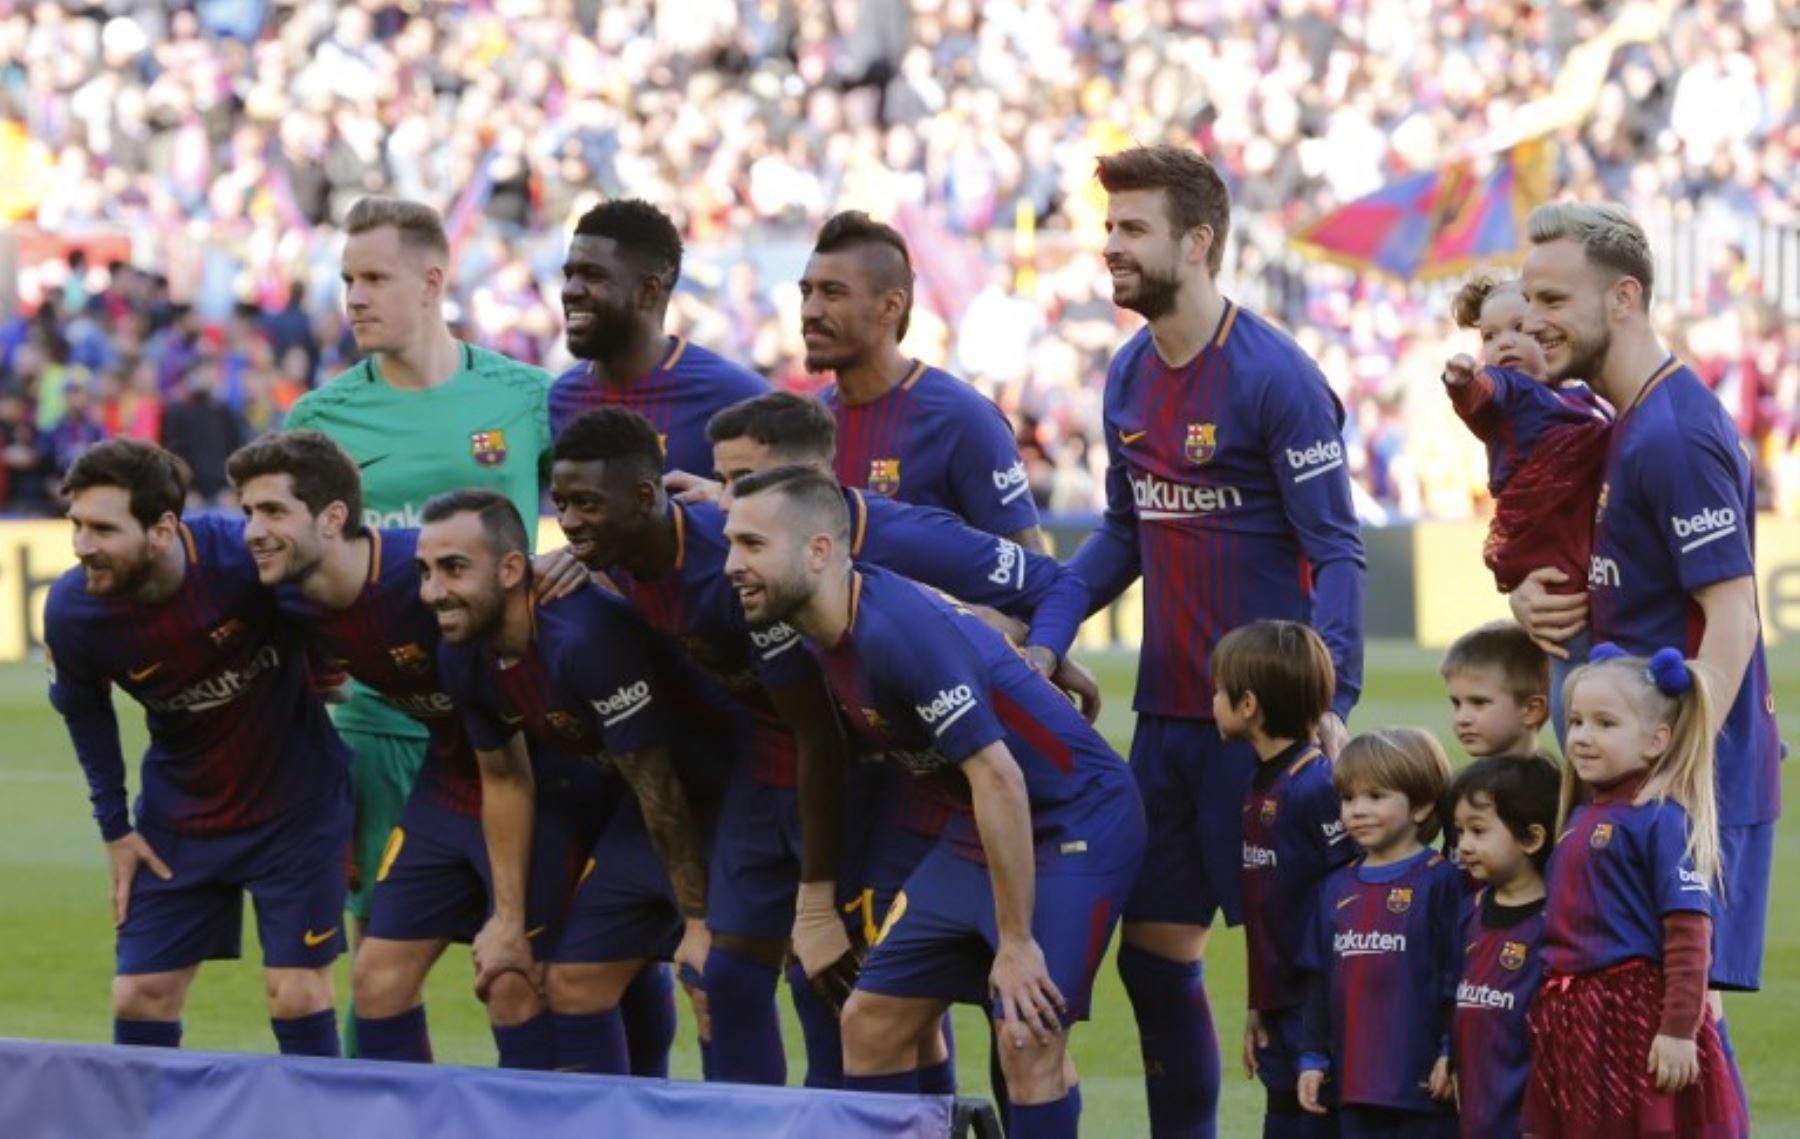 Los jugadores del Barcelona posan antes del partido de fútbol de la Liga española entre el FC Barcelona y el Athletic Club Bilbao en el estadio Camp Nou de Barcelona.Foto:AFP